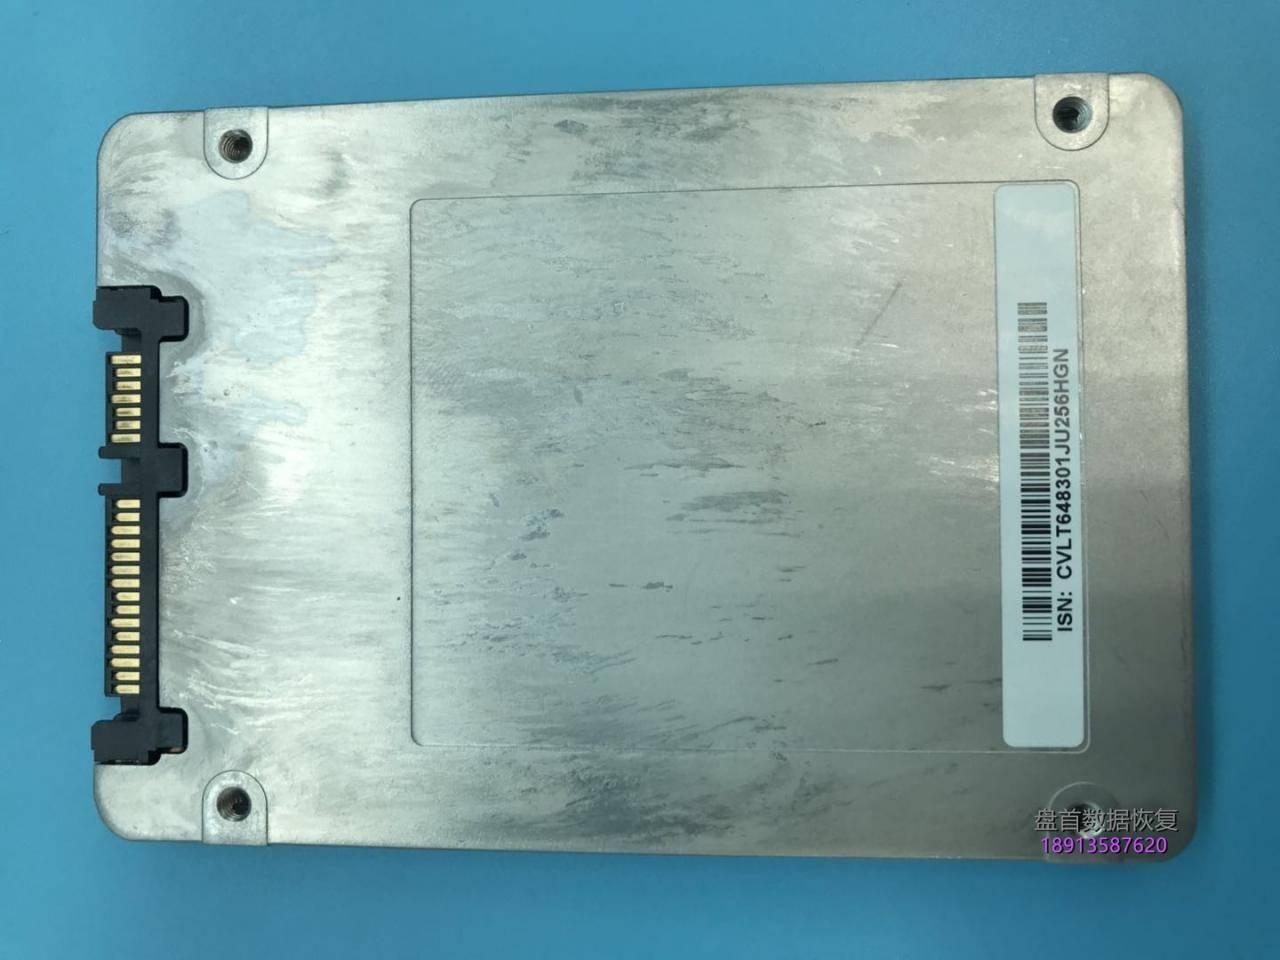 英特尔ssdsc2kf256h6l-256g-ssd固态硬盘掉盘无法识别数据恢复成功 英特尔SSDSC2KF256H6L-256G SSD固态硬盘掉盘无法识别数据恢复成功